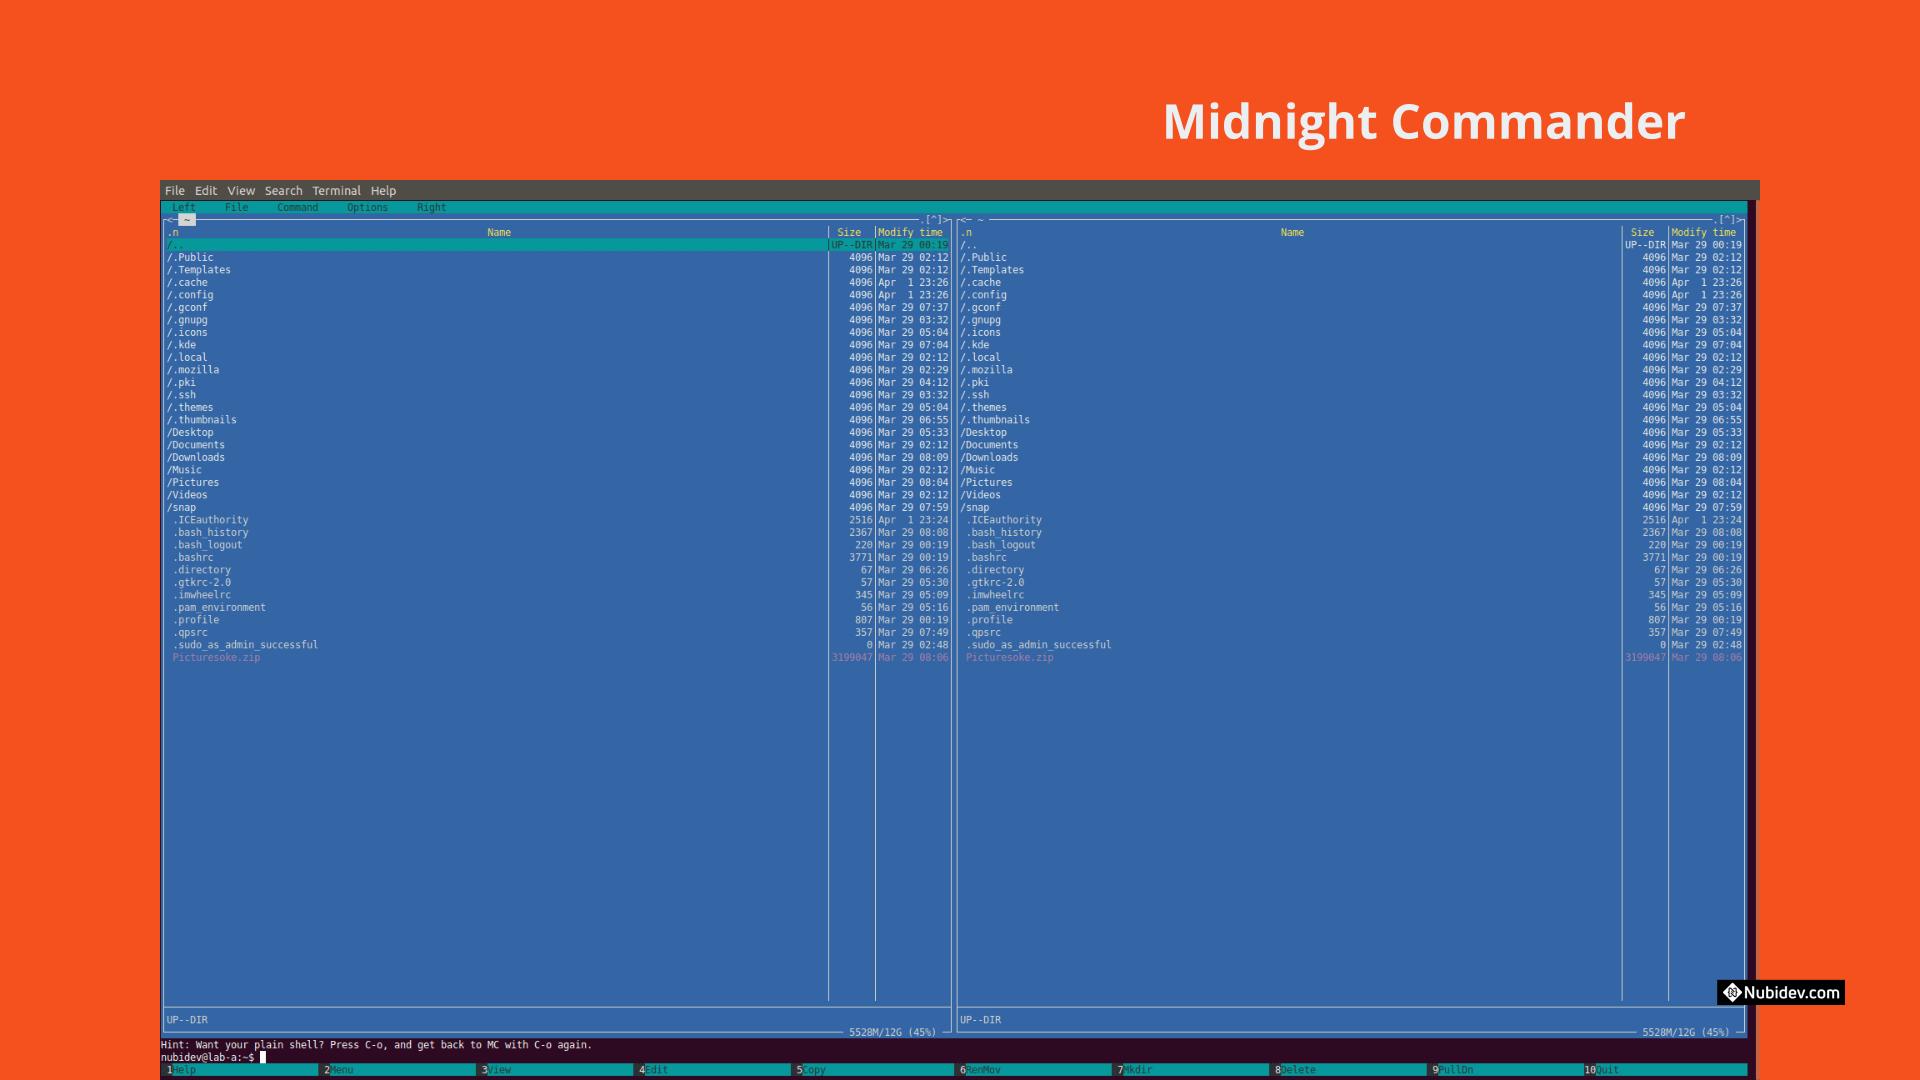 Midnight Commander